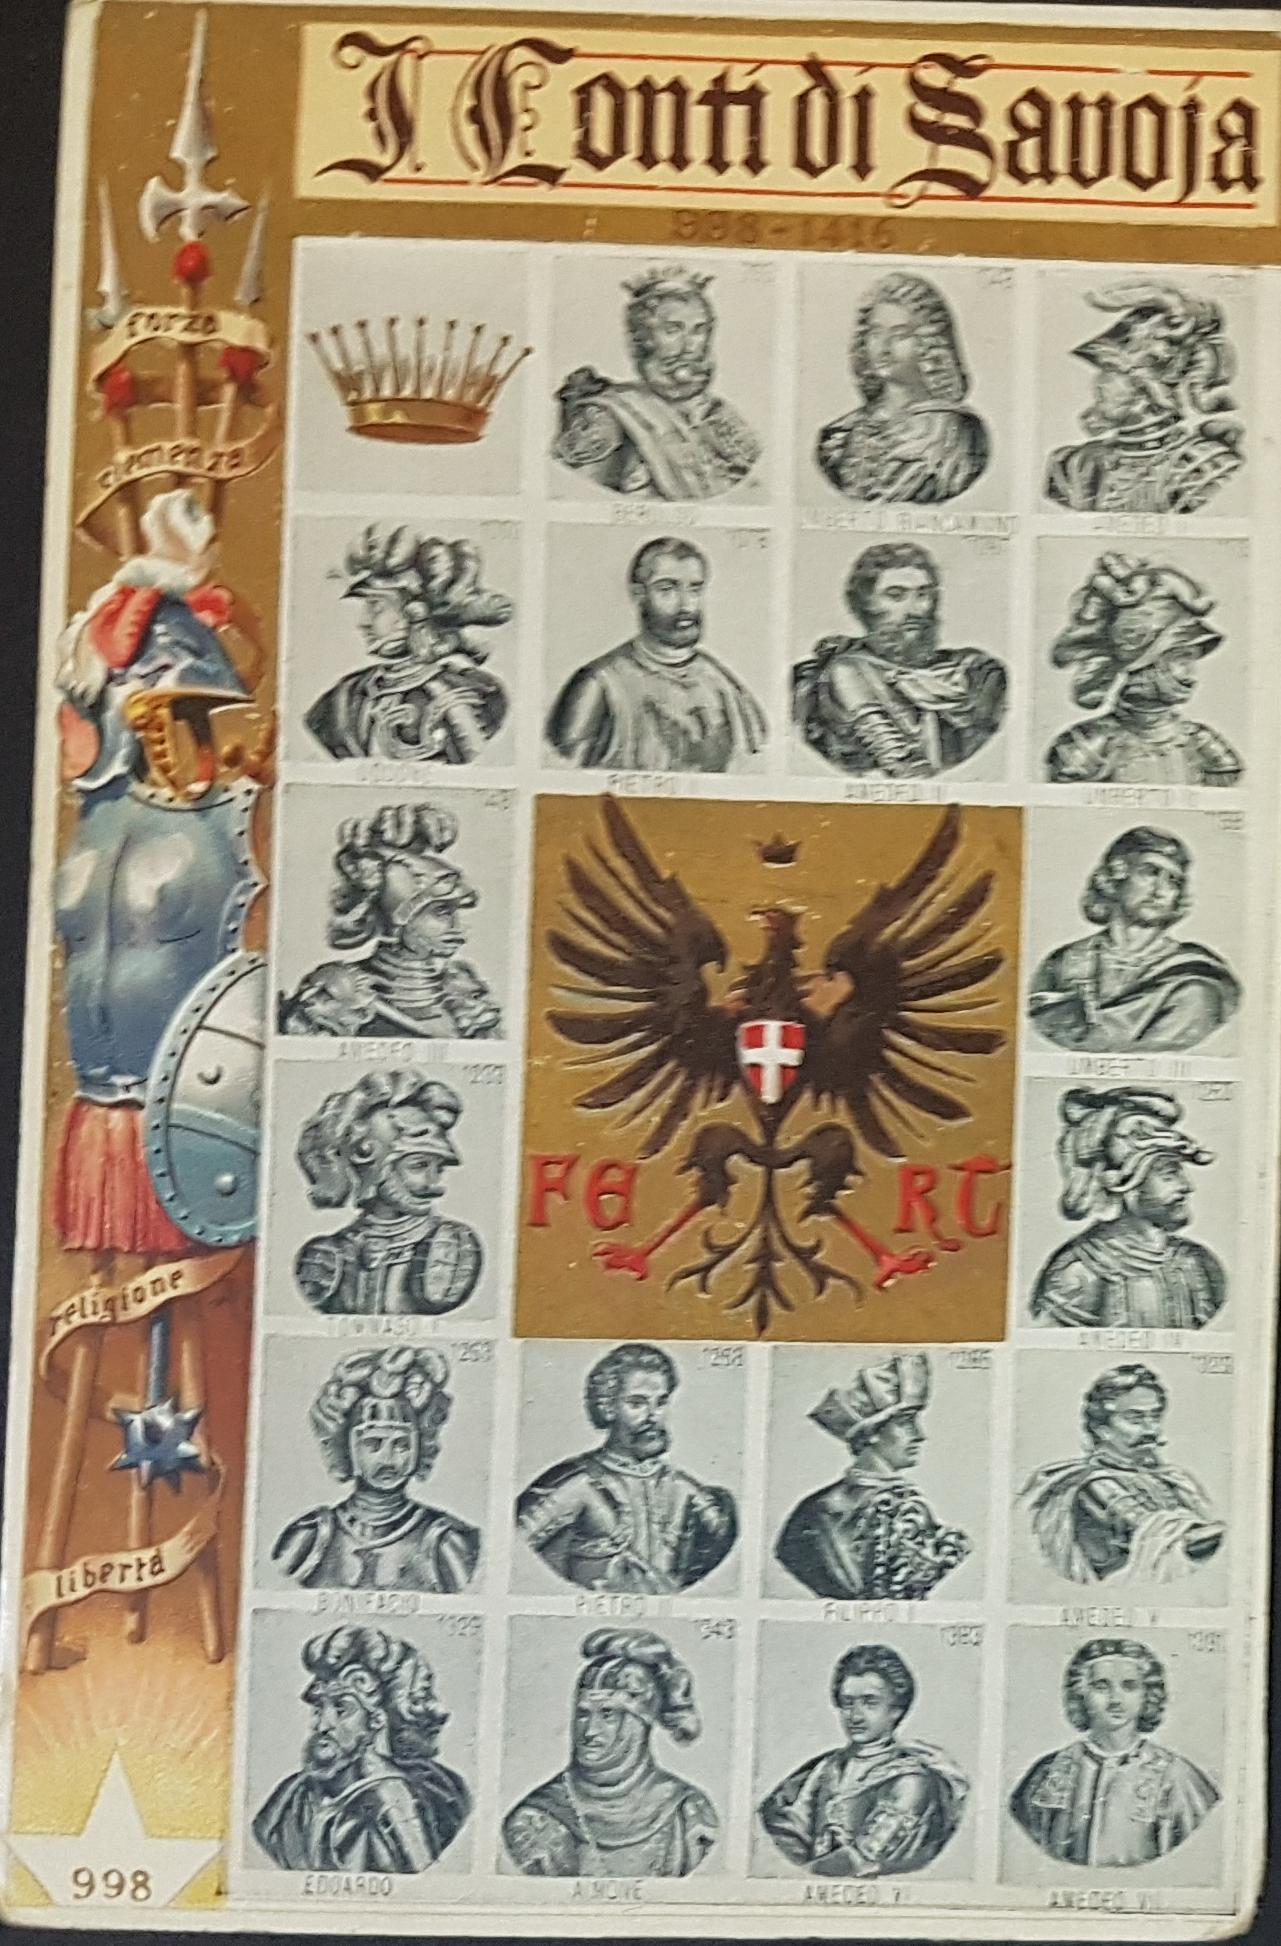 II Conti di Savoia